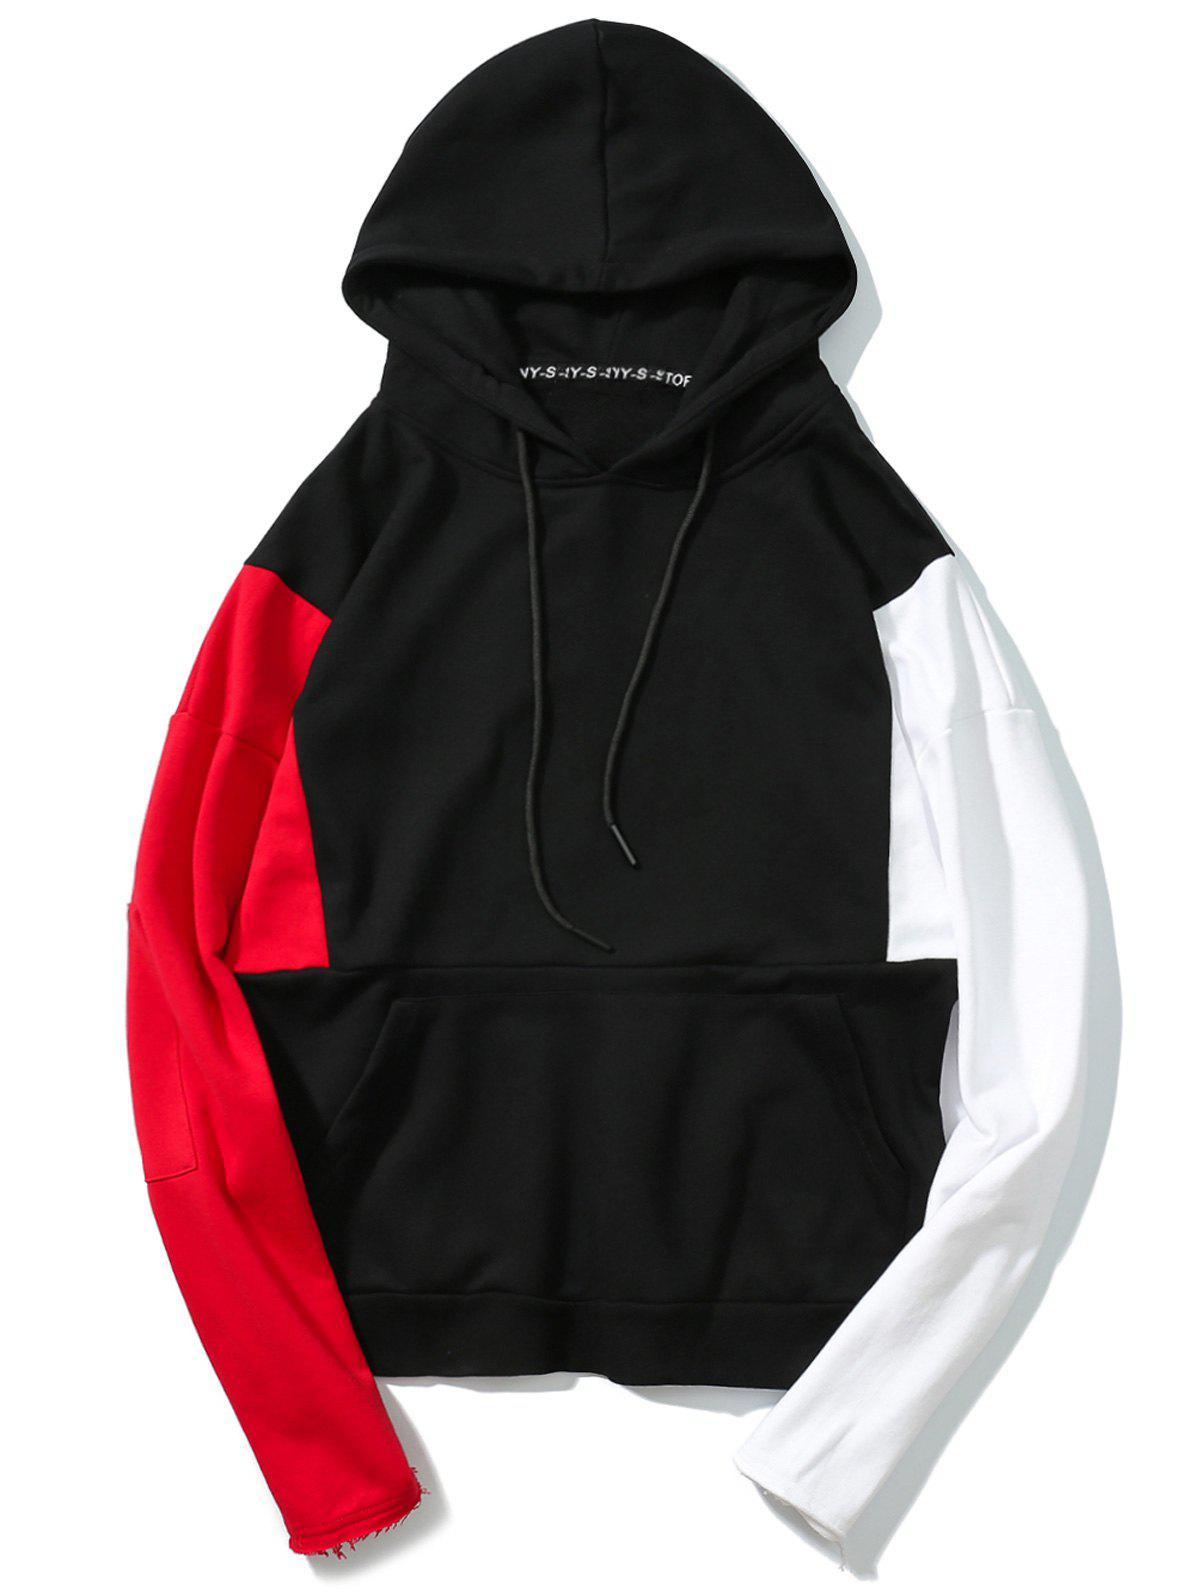 Raw Hem Sleeves Color Block Hoodie 248784703